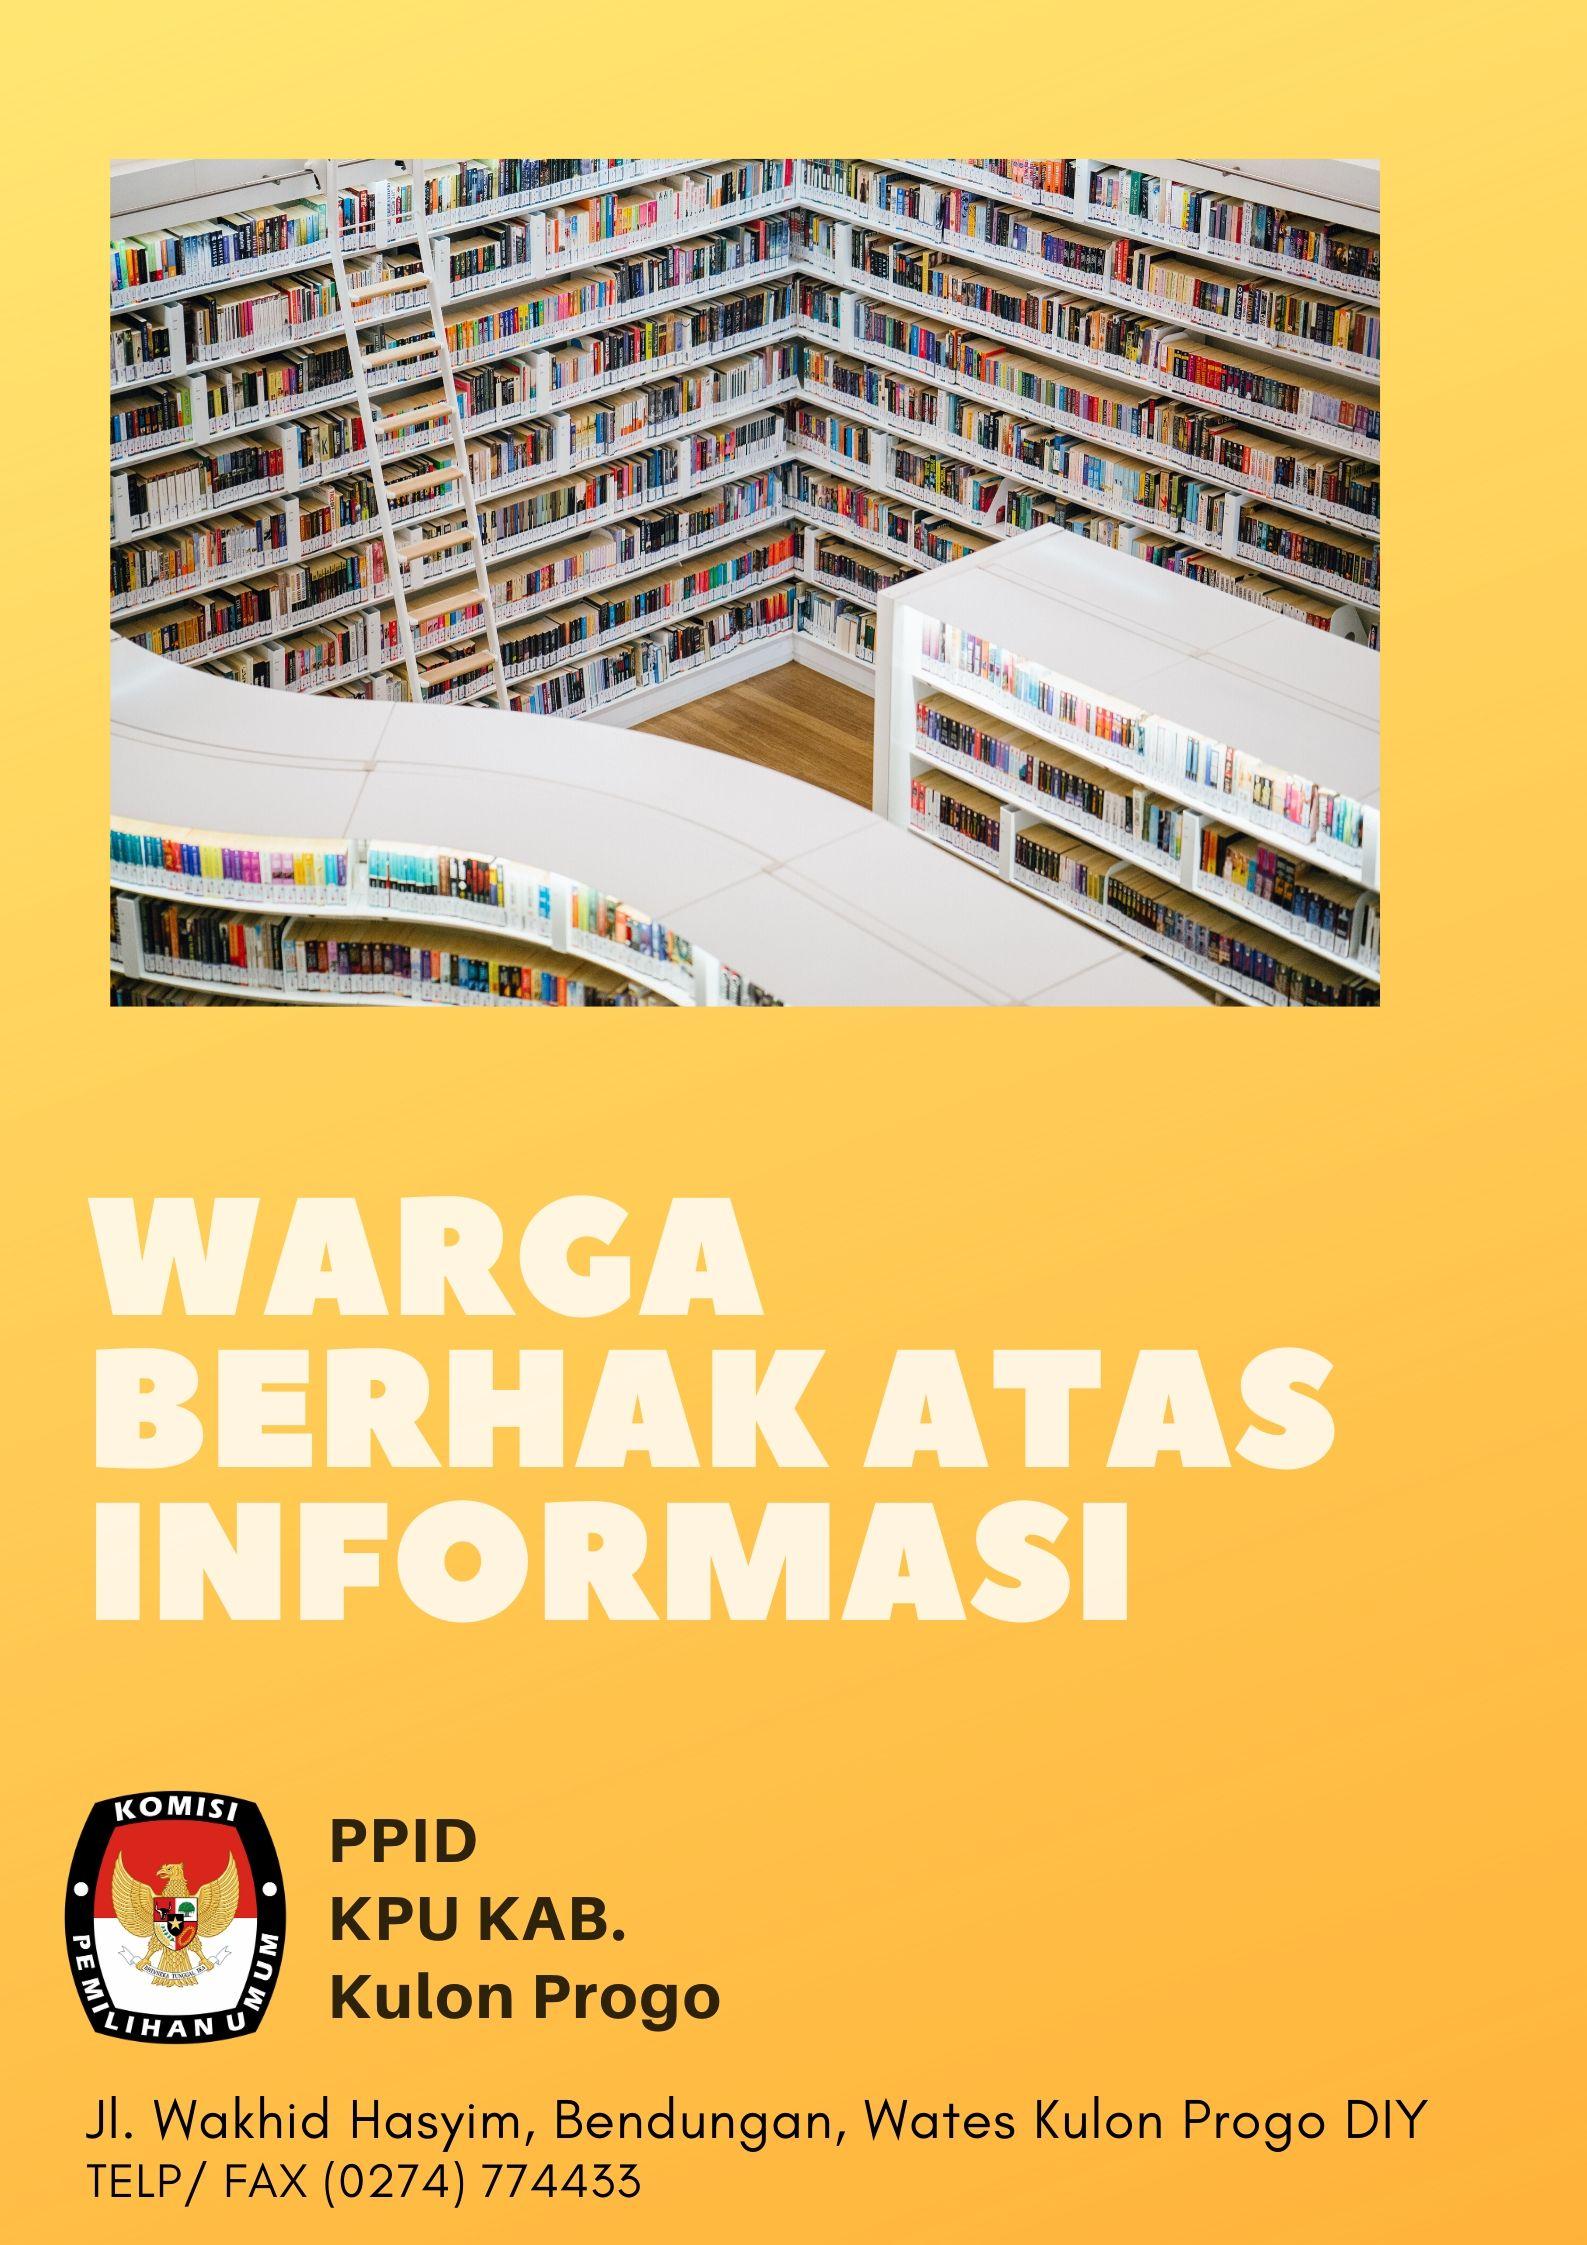 HAK PUBLIK ATAS INFORMASI